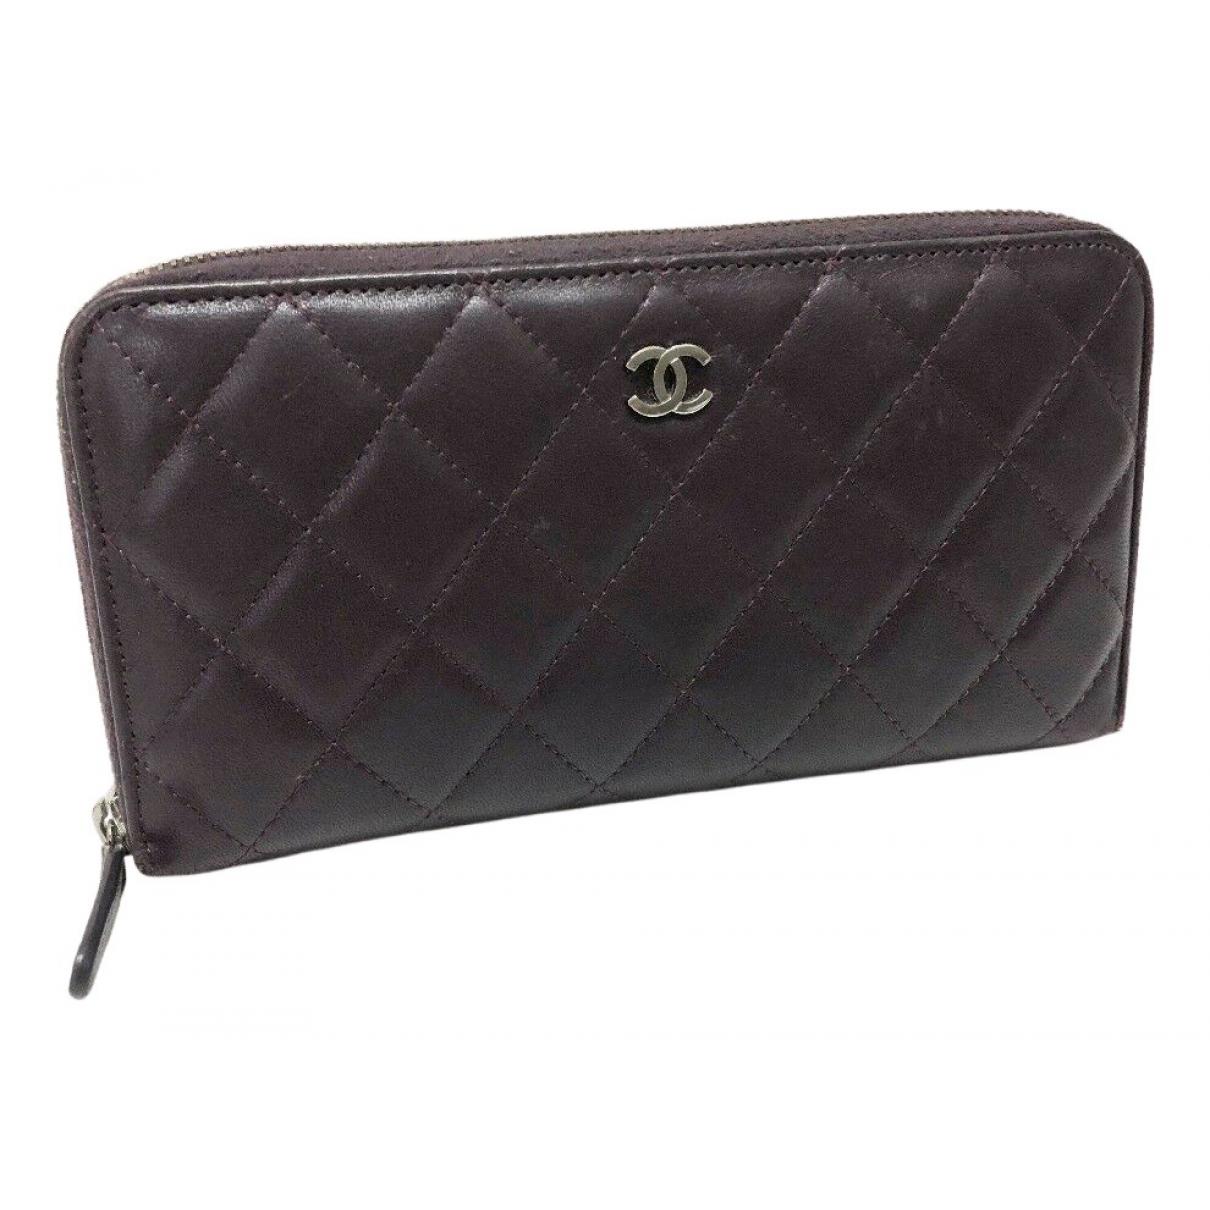 Chanel - Portefeuille Timeless/Classique pour femme en cuir - marron